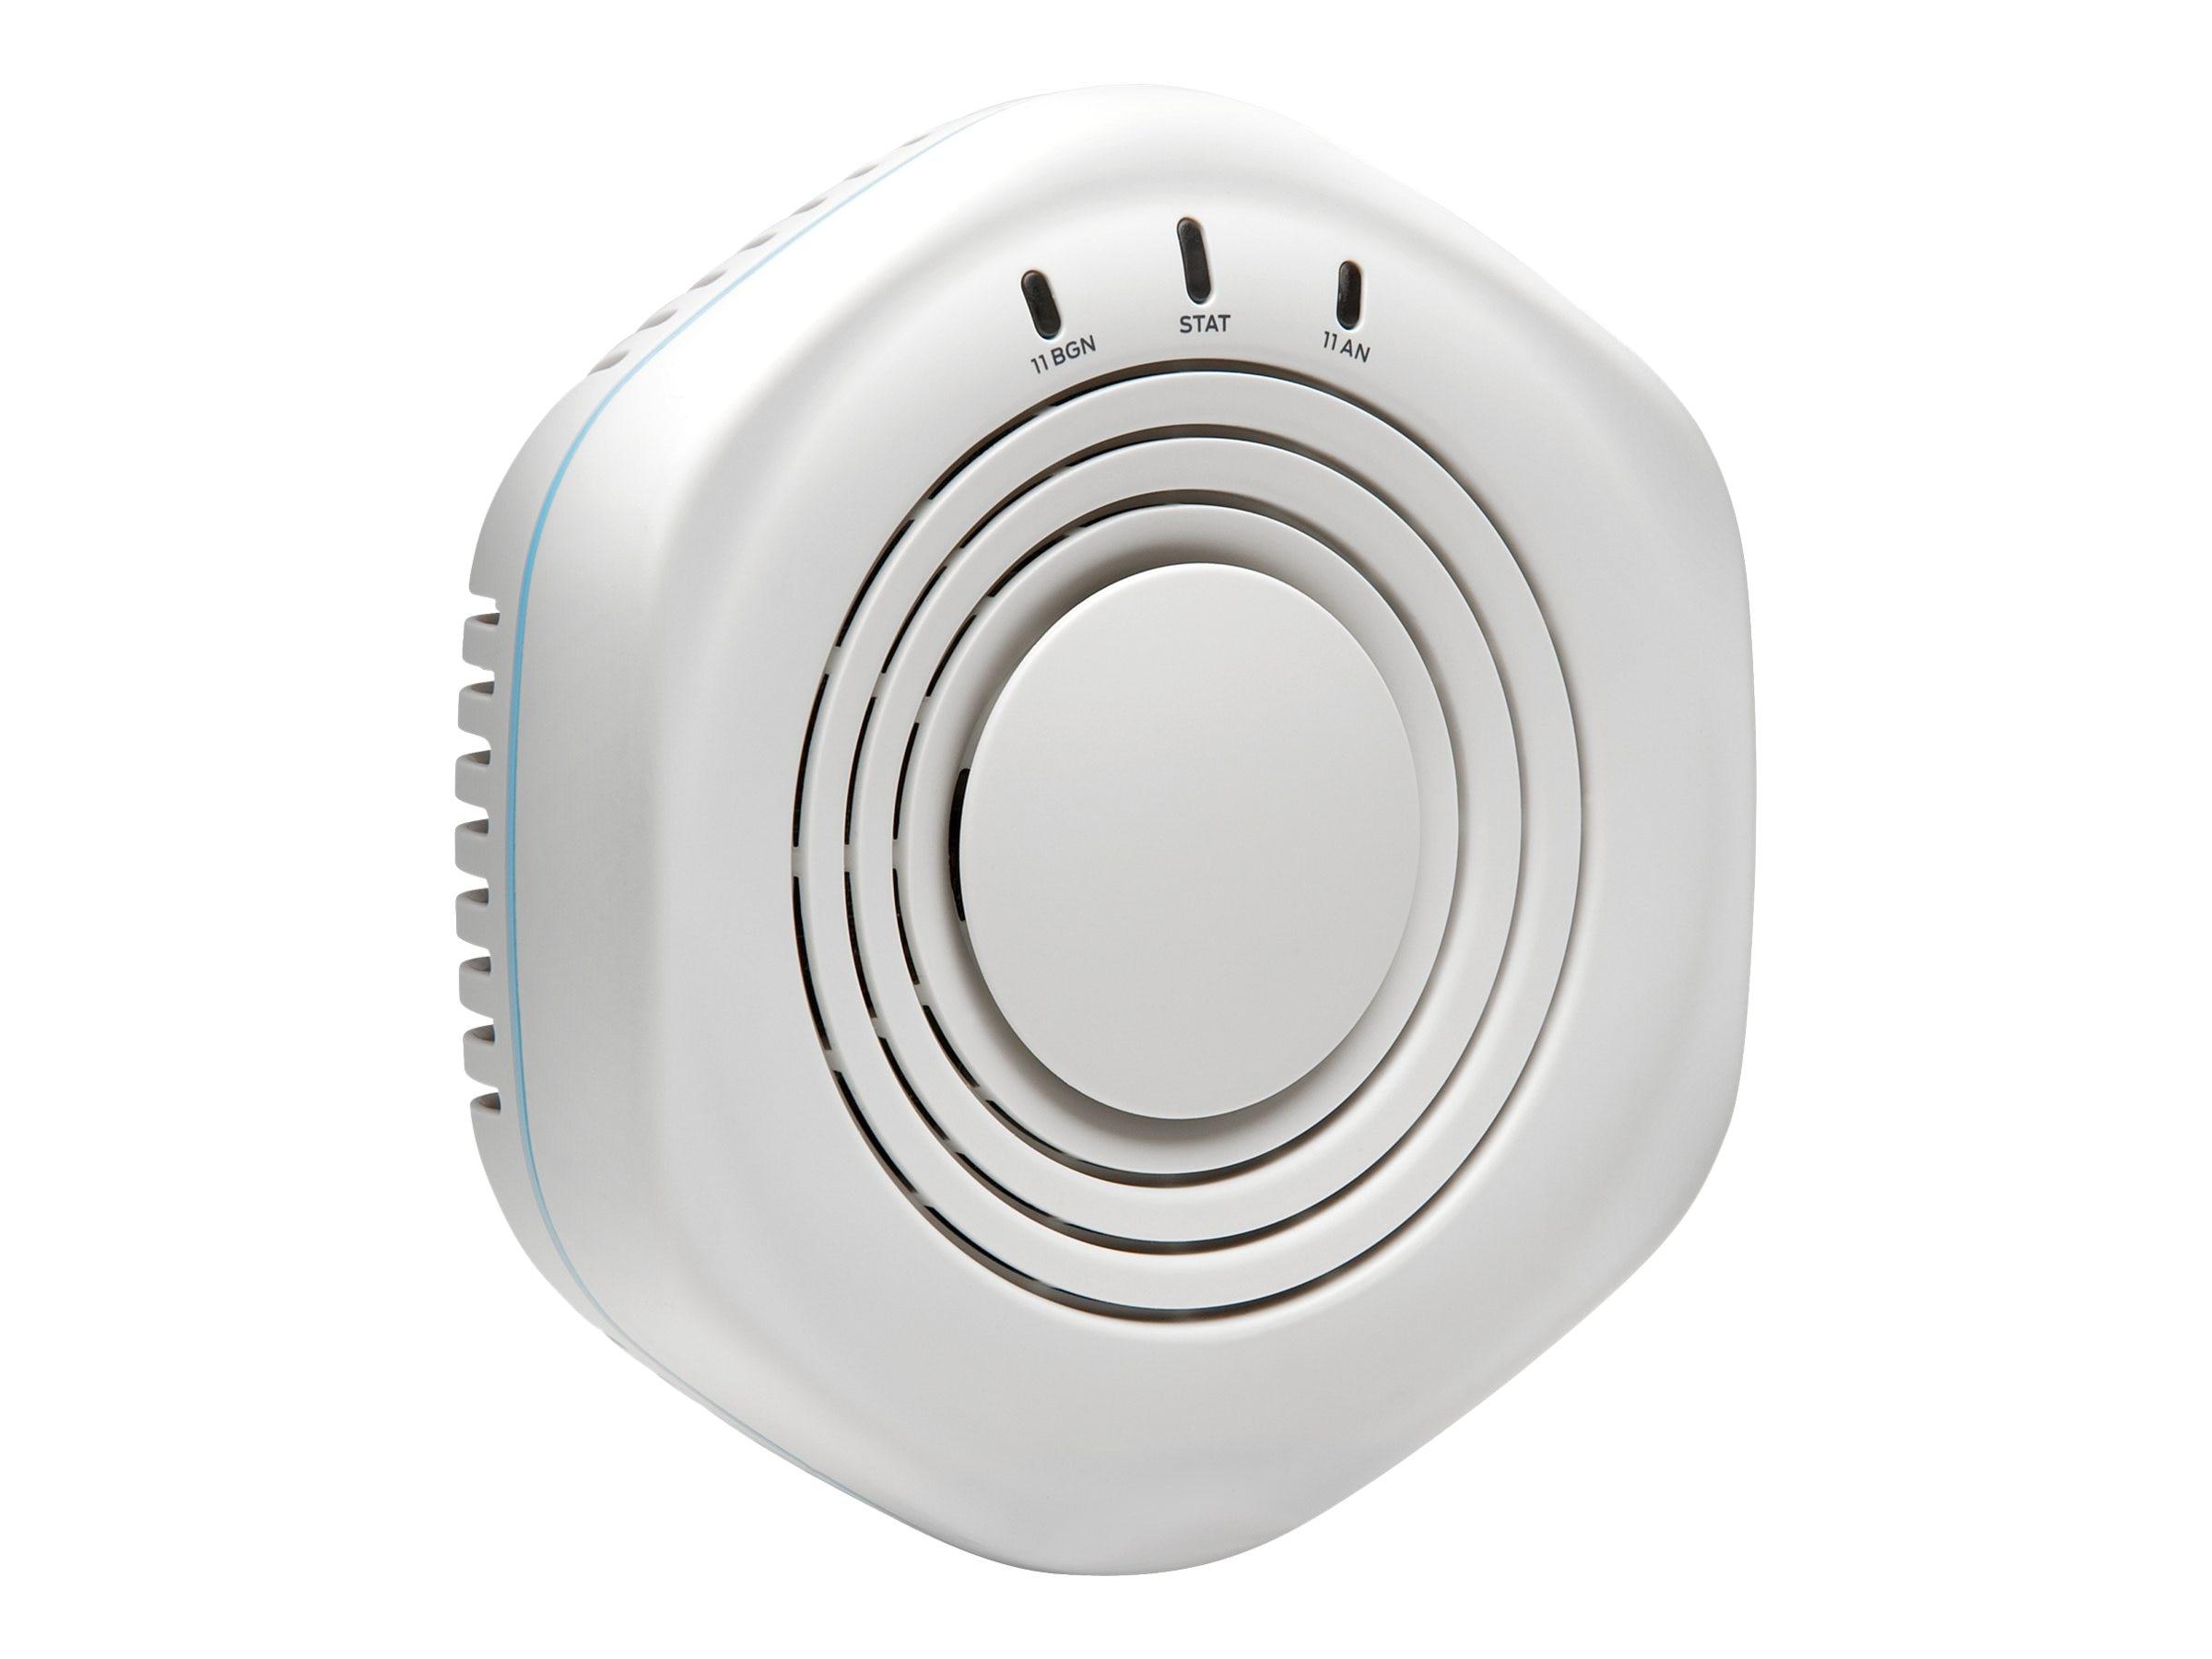 Juniper Networks Wla321 Wireless Lan Access Point Wla321 Us